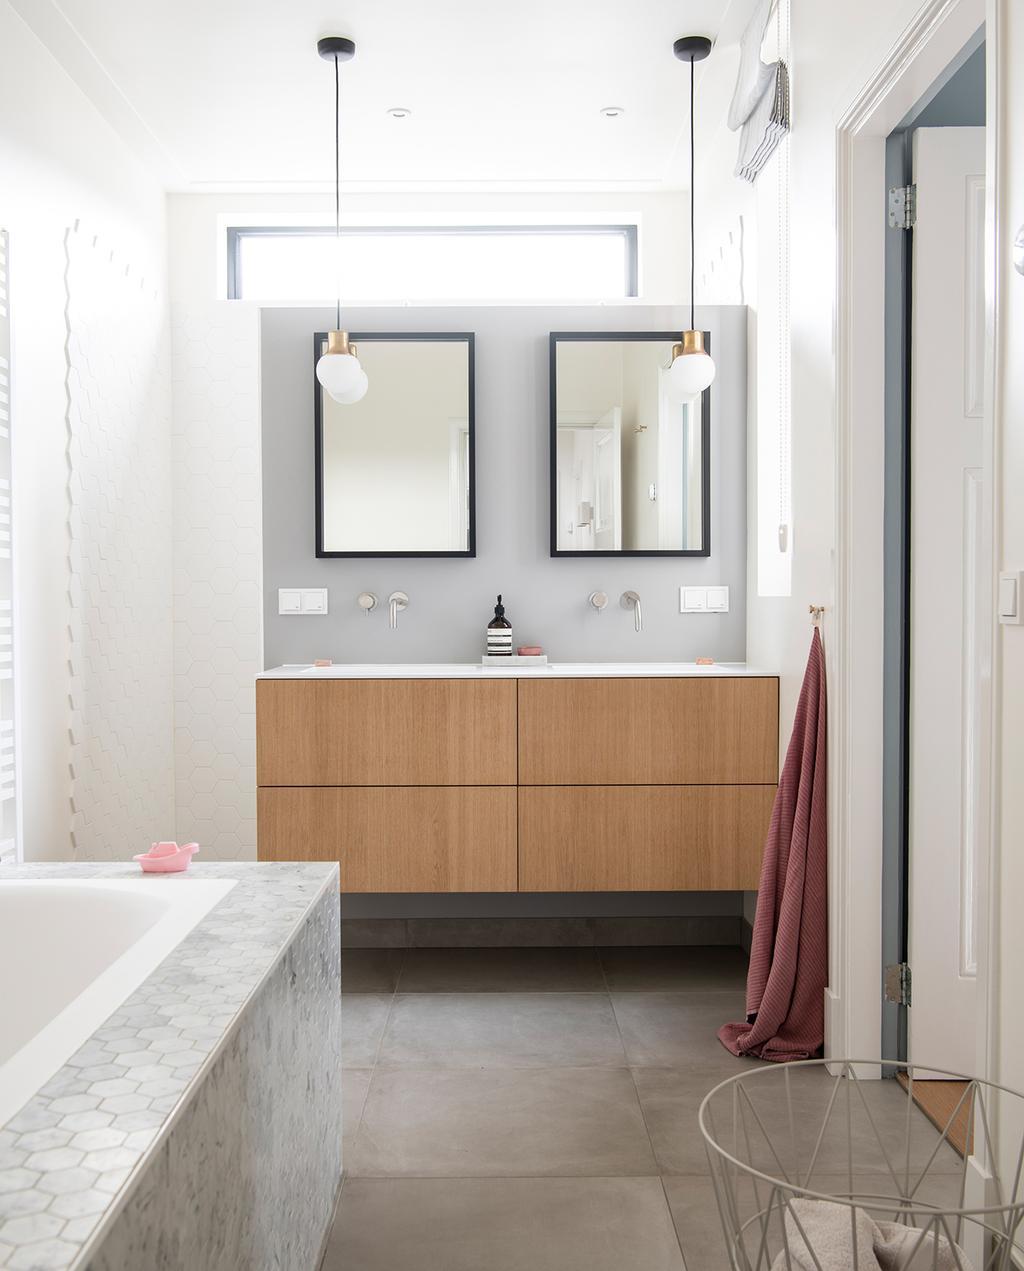 vtwonen 04-2021 | badkamer met houten wastafelmeubel